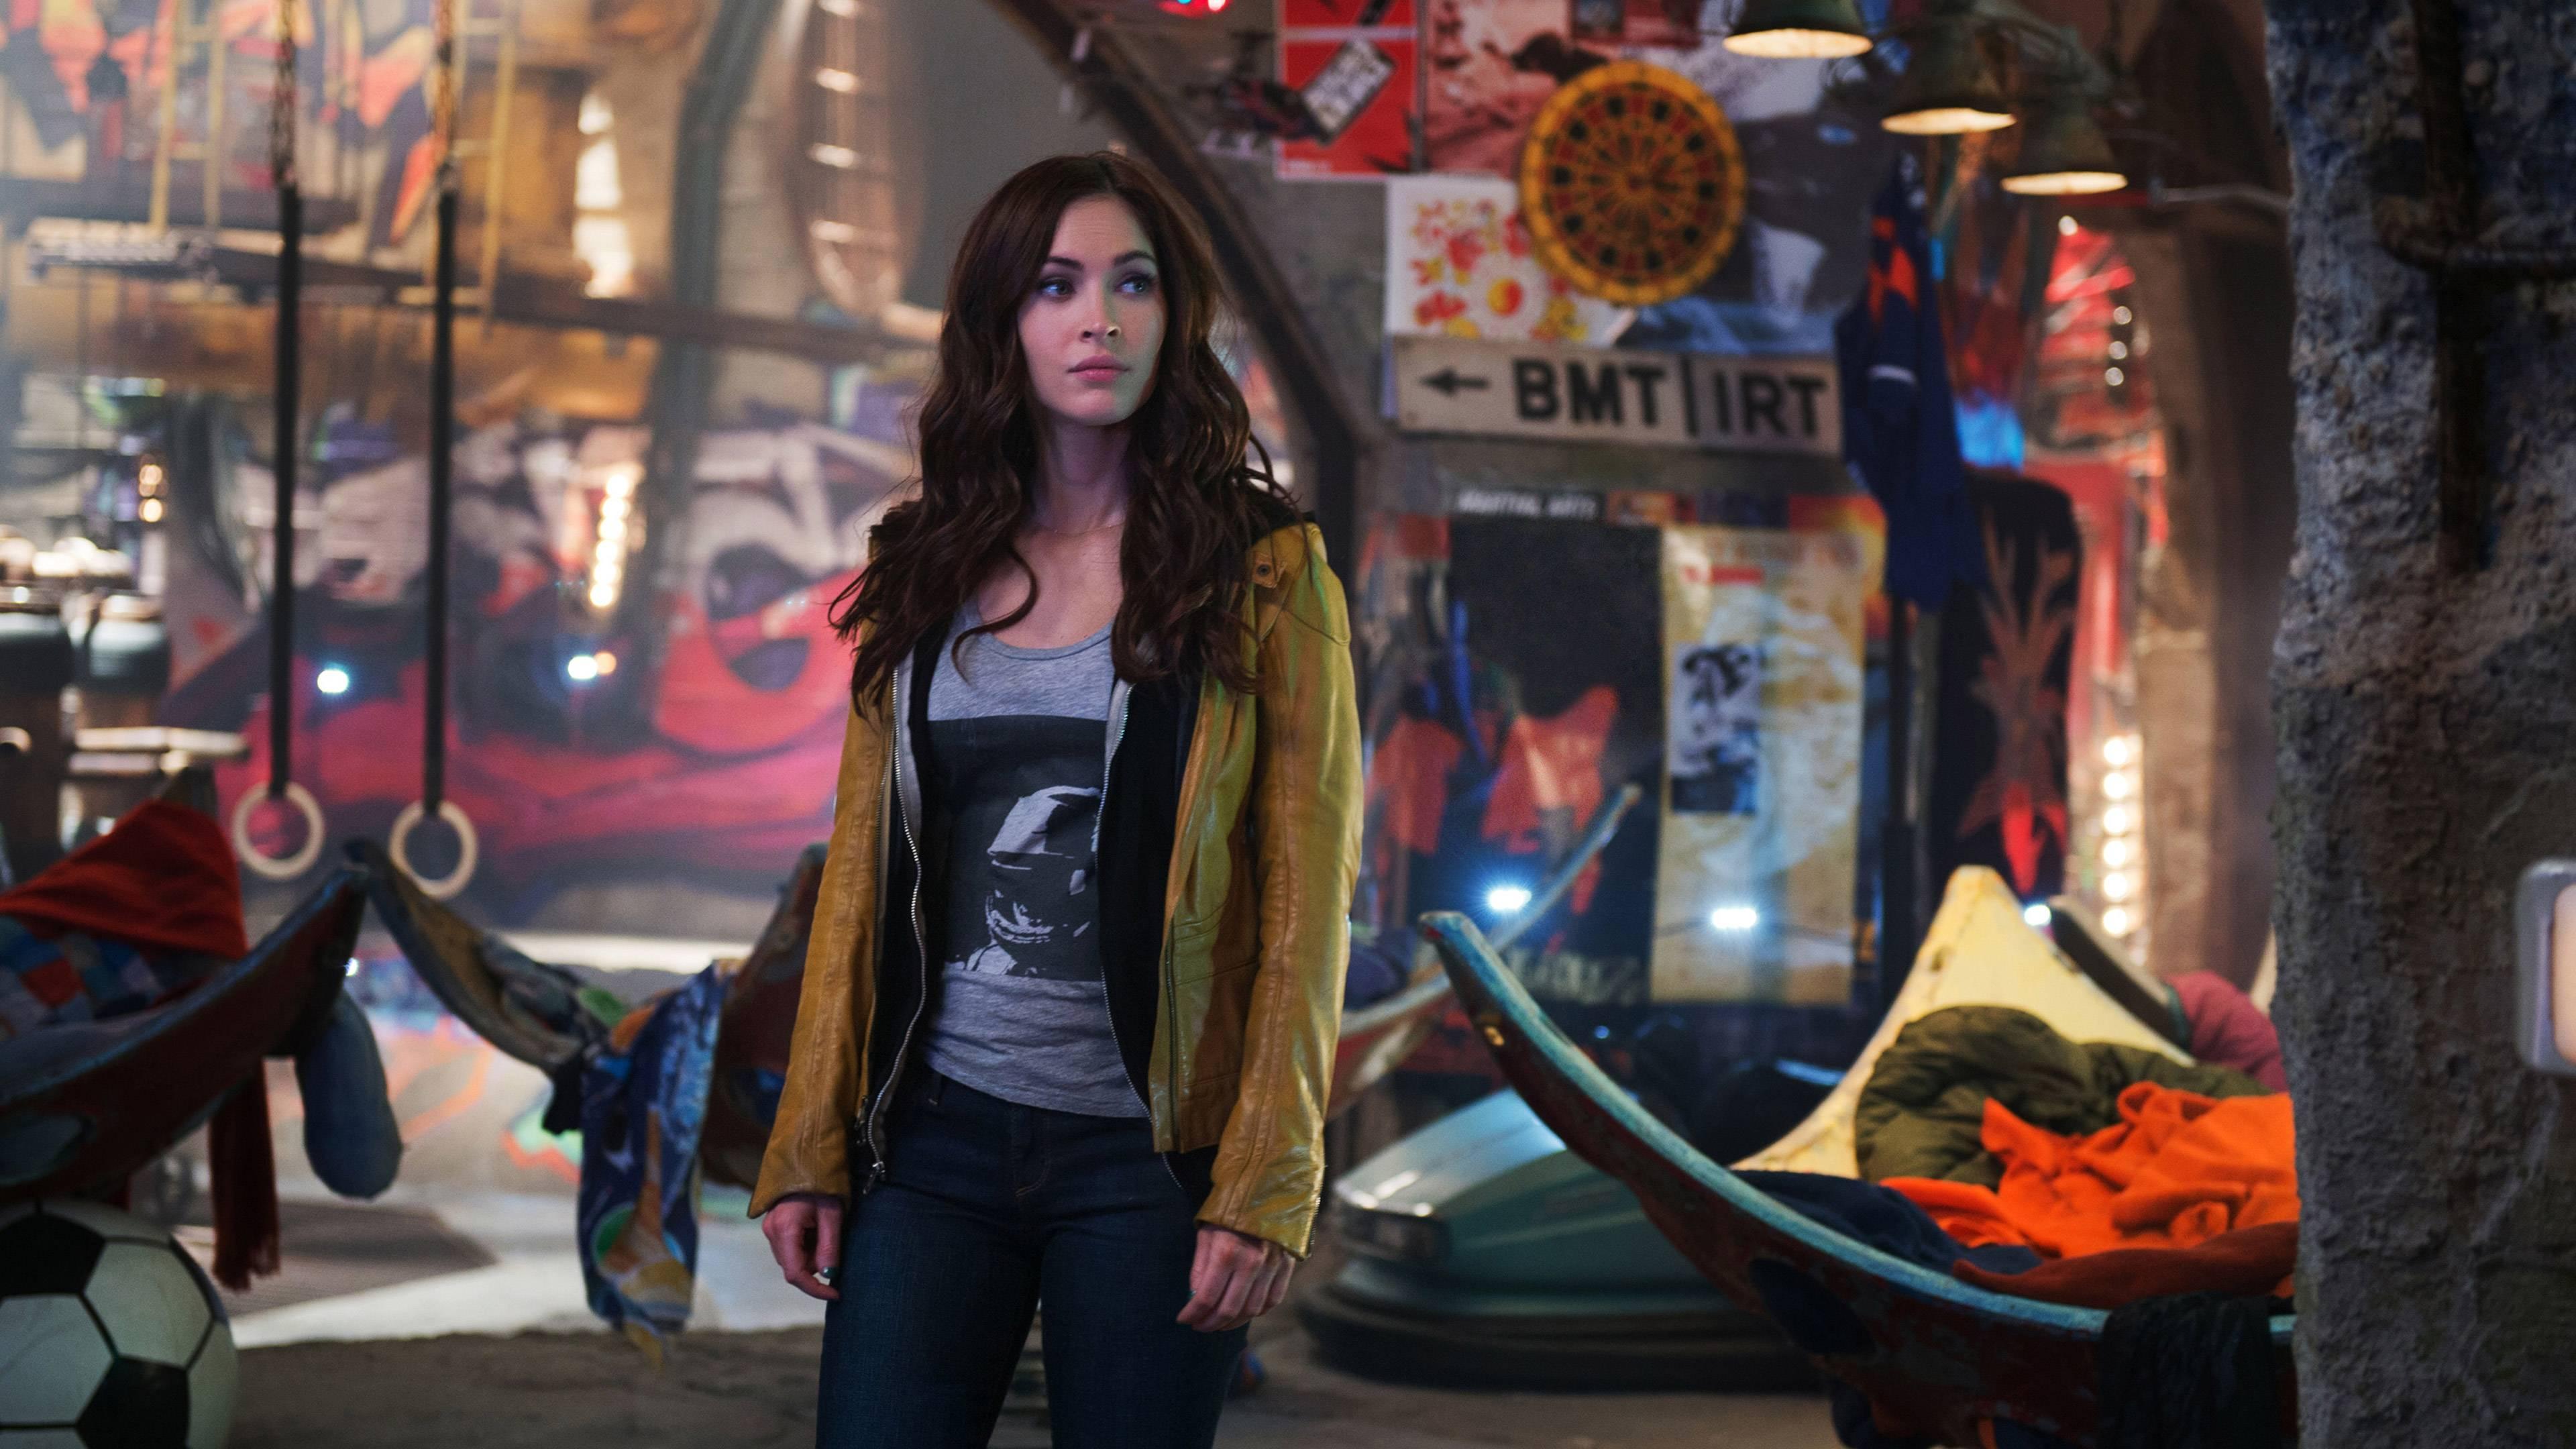 megan fox in tmnt 2 1536364075 - Megan Fox In TMNT 2 - teenage mutant ninja turtles wallpapers, movies wallpapers, megan fox wallpapers, 4k-wallpapers, 2016 movies wallpapers